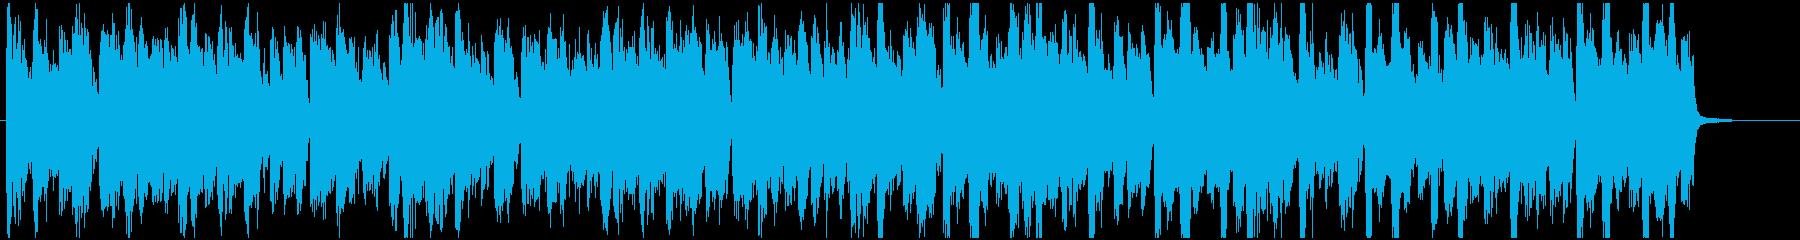 ドラムンベース ジャズファンク調ジングルの再生済みの波形